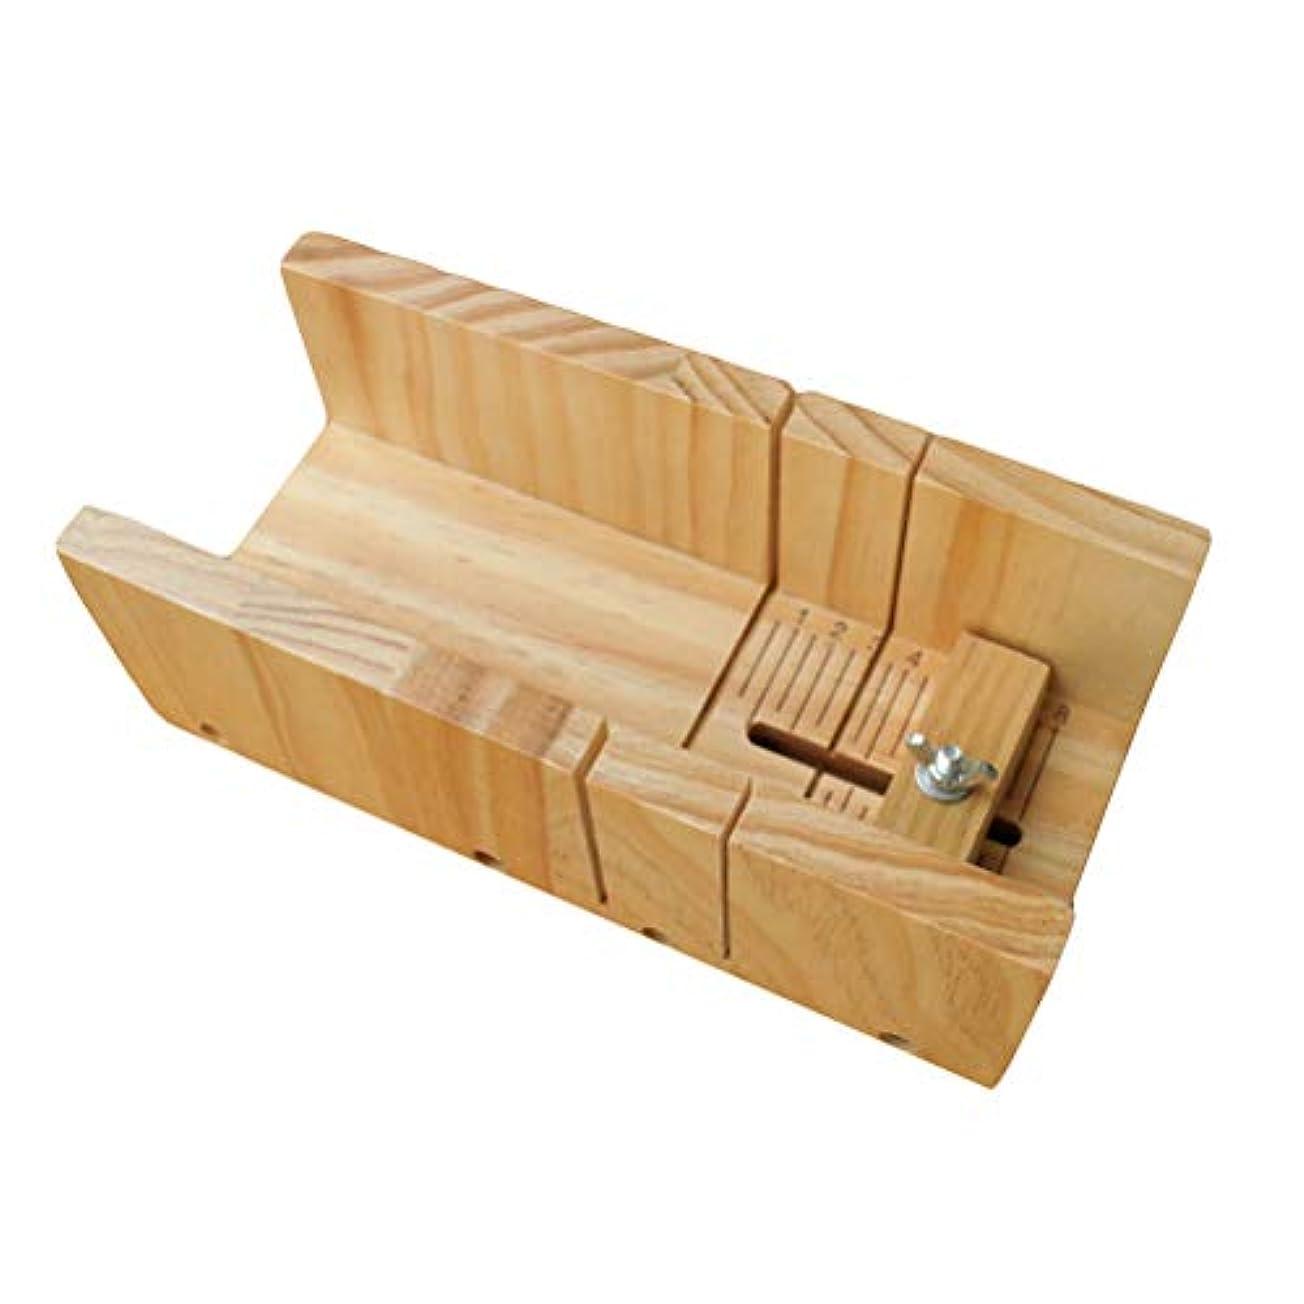 メーカー地下幸運なSUPVOX ウッドソープローフカッター金型調整可能カッター金型ボックスソープ作りツール(ウッドカラー)